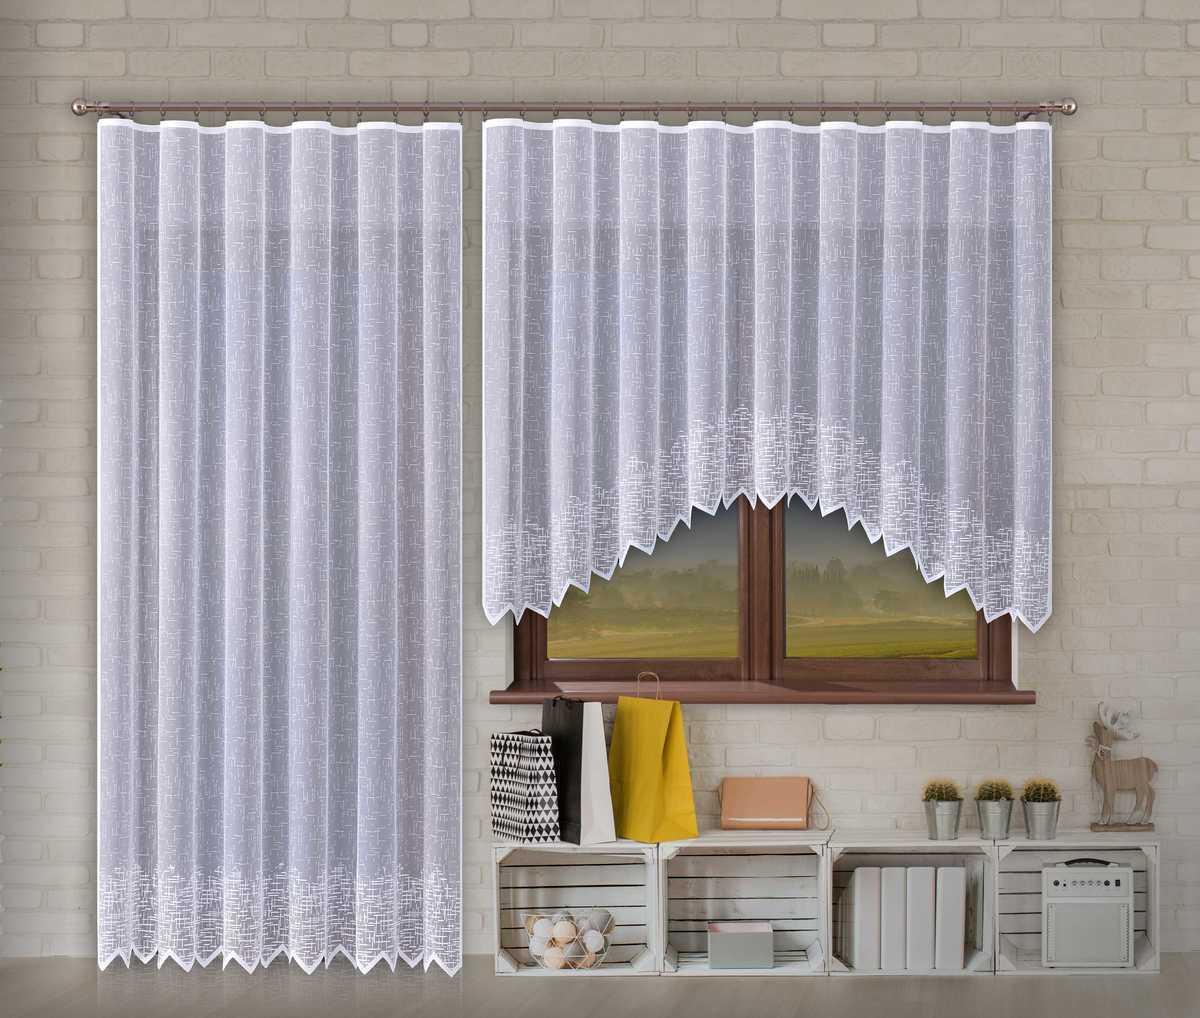 Forbyt, Hotová záclona nebo balkonový komplet, Olympia, bílá 300 x 150 cm